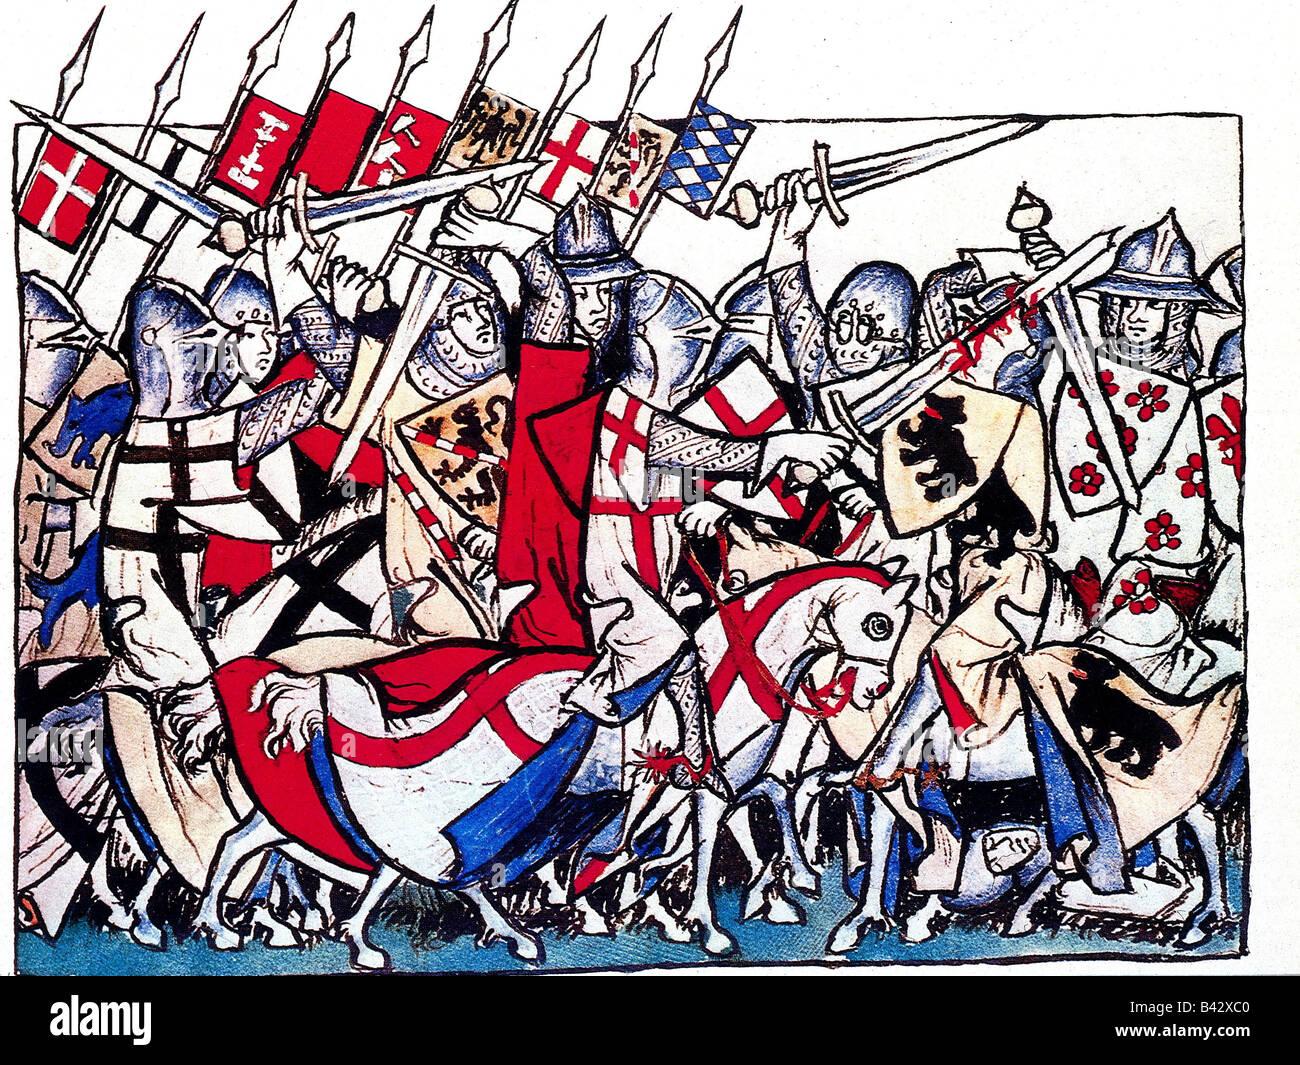 Heinrich VII., ca. 1275 - 24.8.1313, Heiliger römischer Kaiser 29.6.1312 - 24.8.1313, kämpfend gegen die Mailänder, Stockfoto